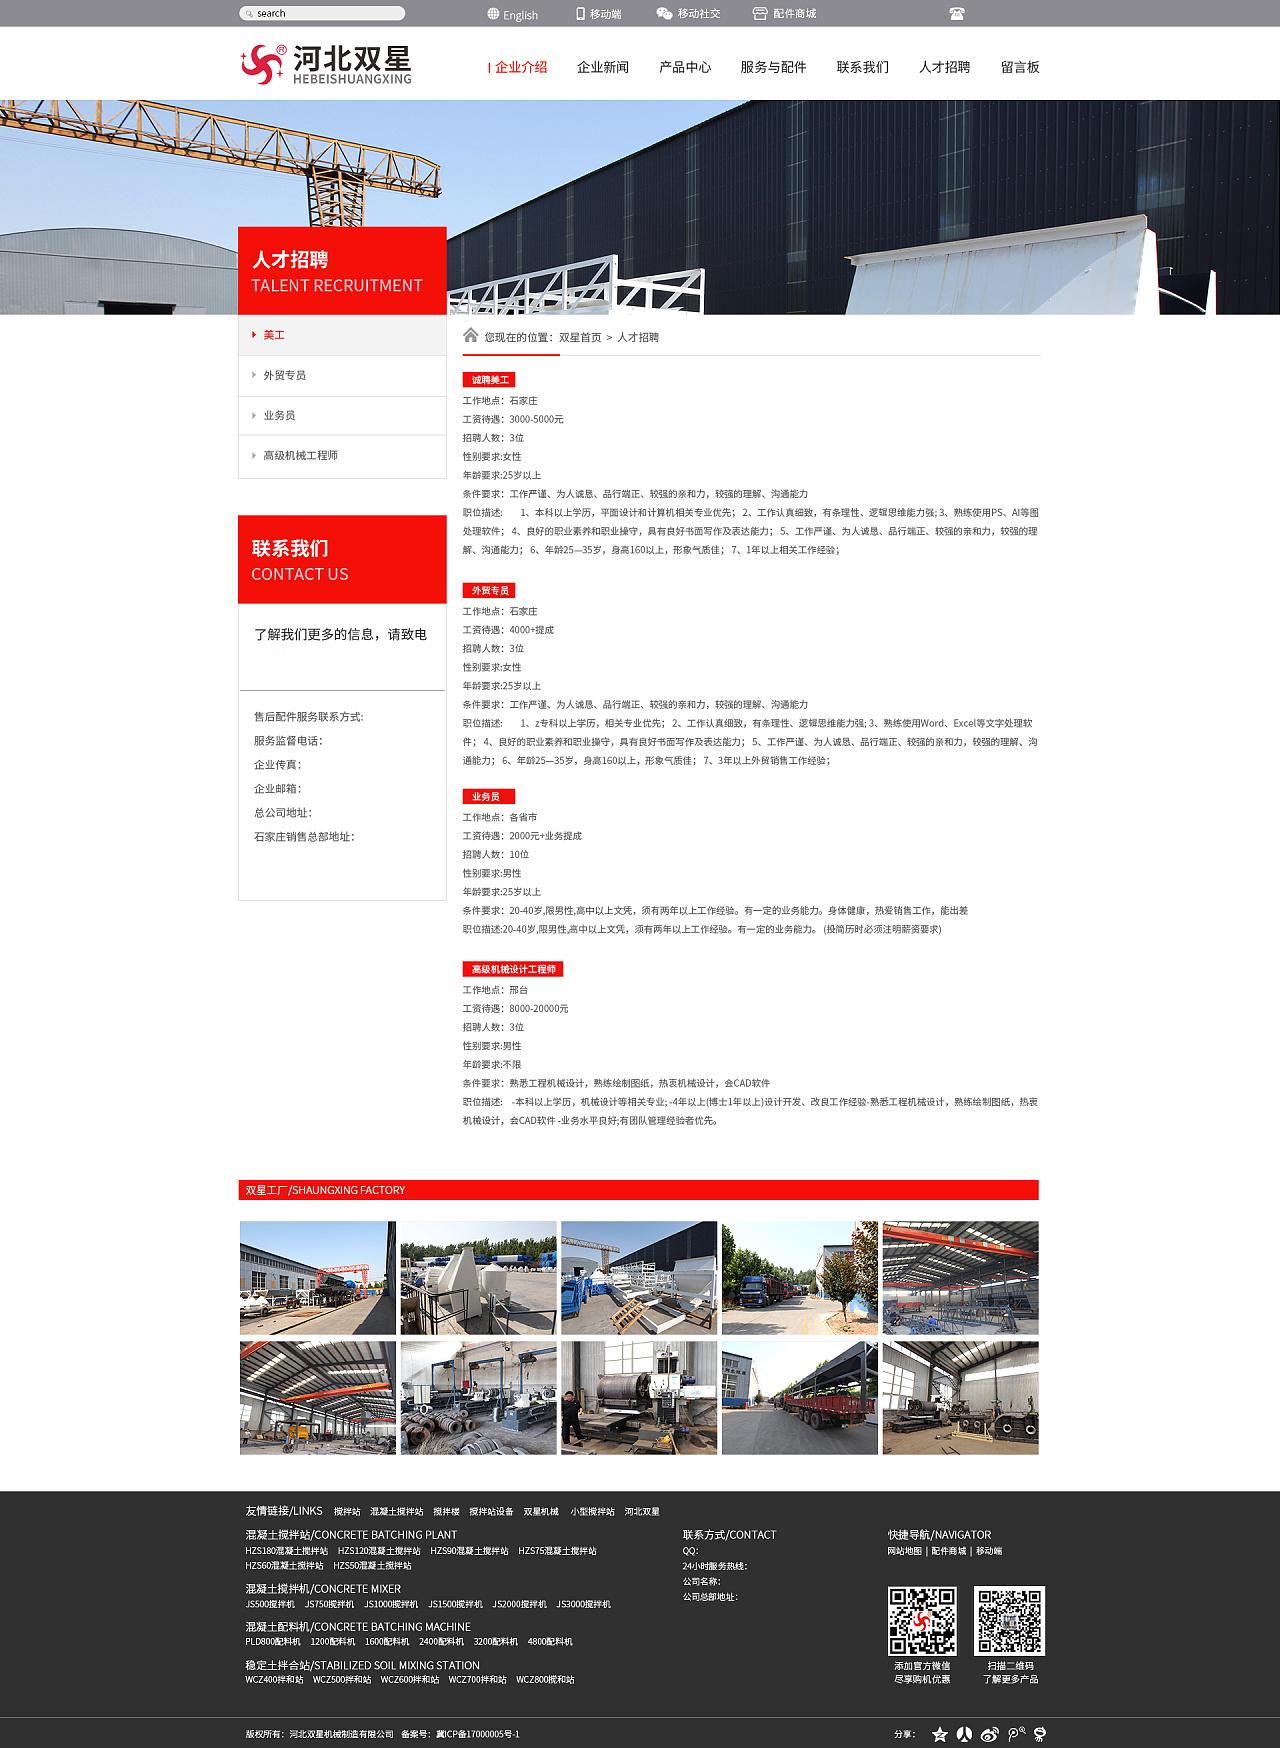 大型机械网站页面设计